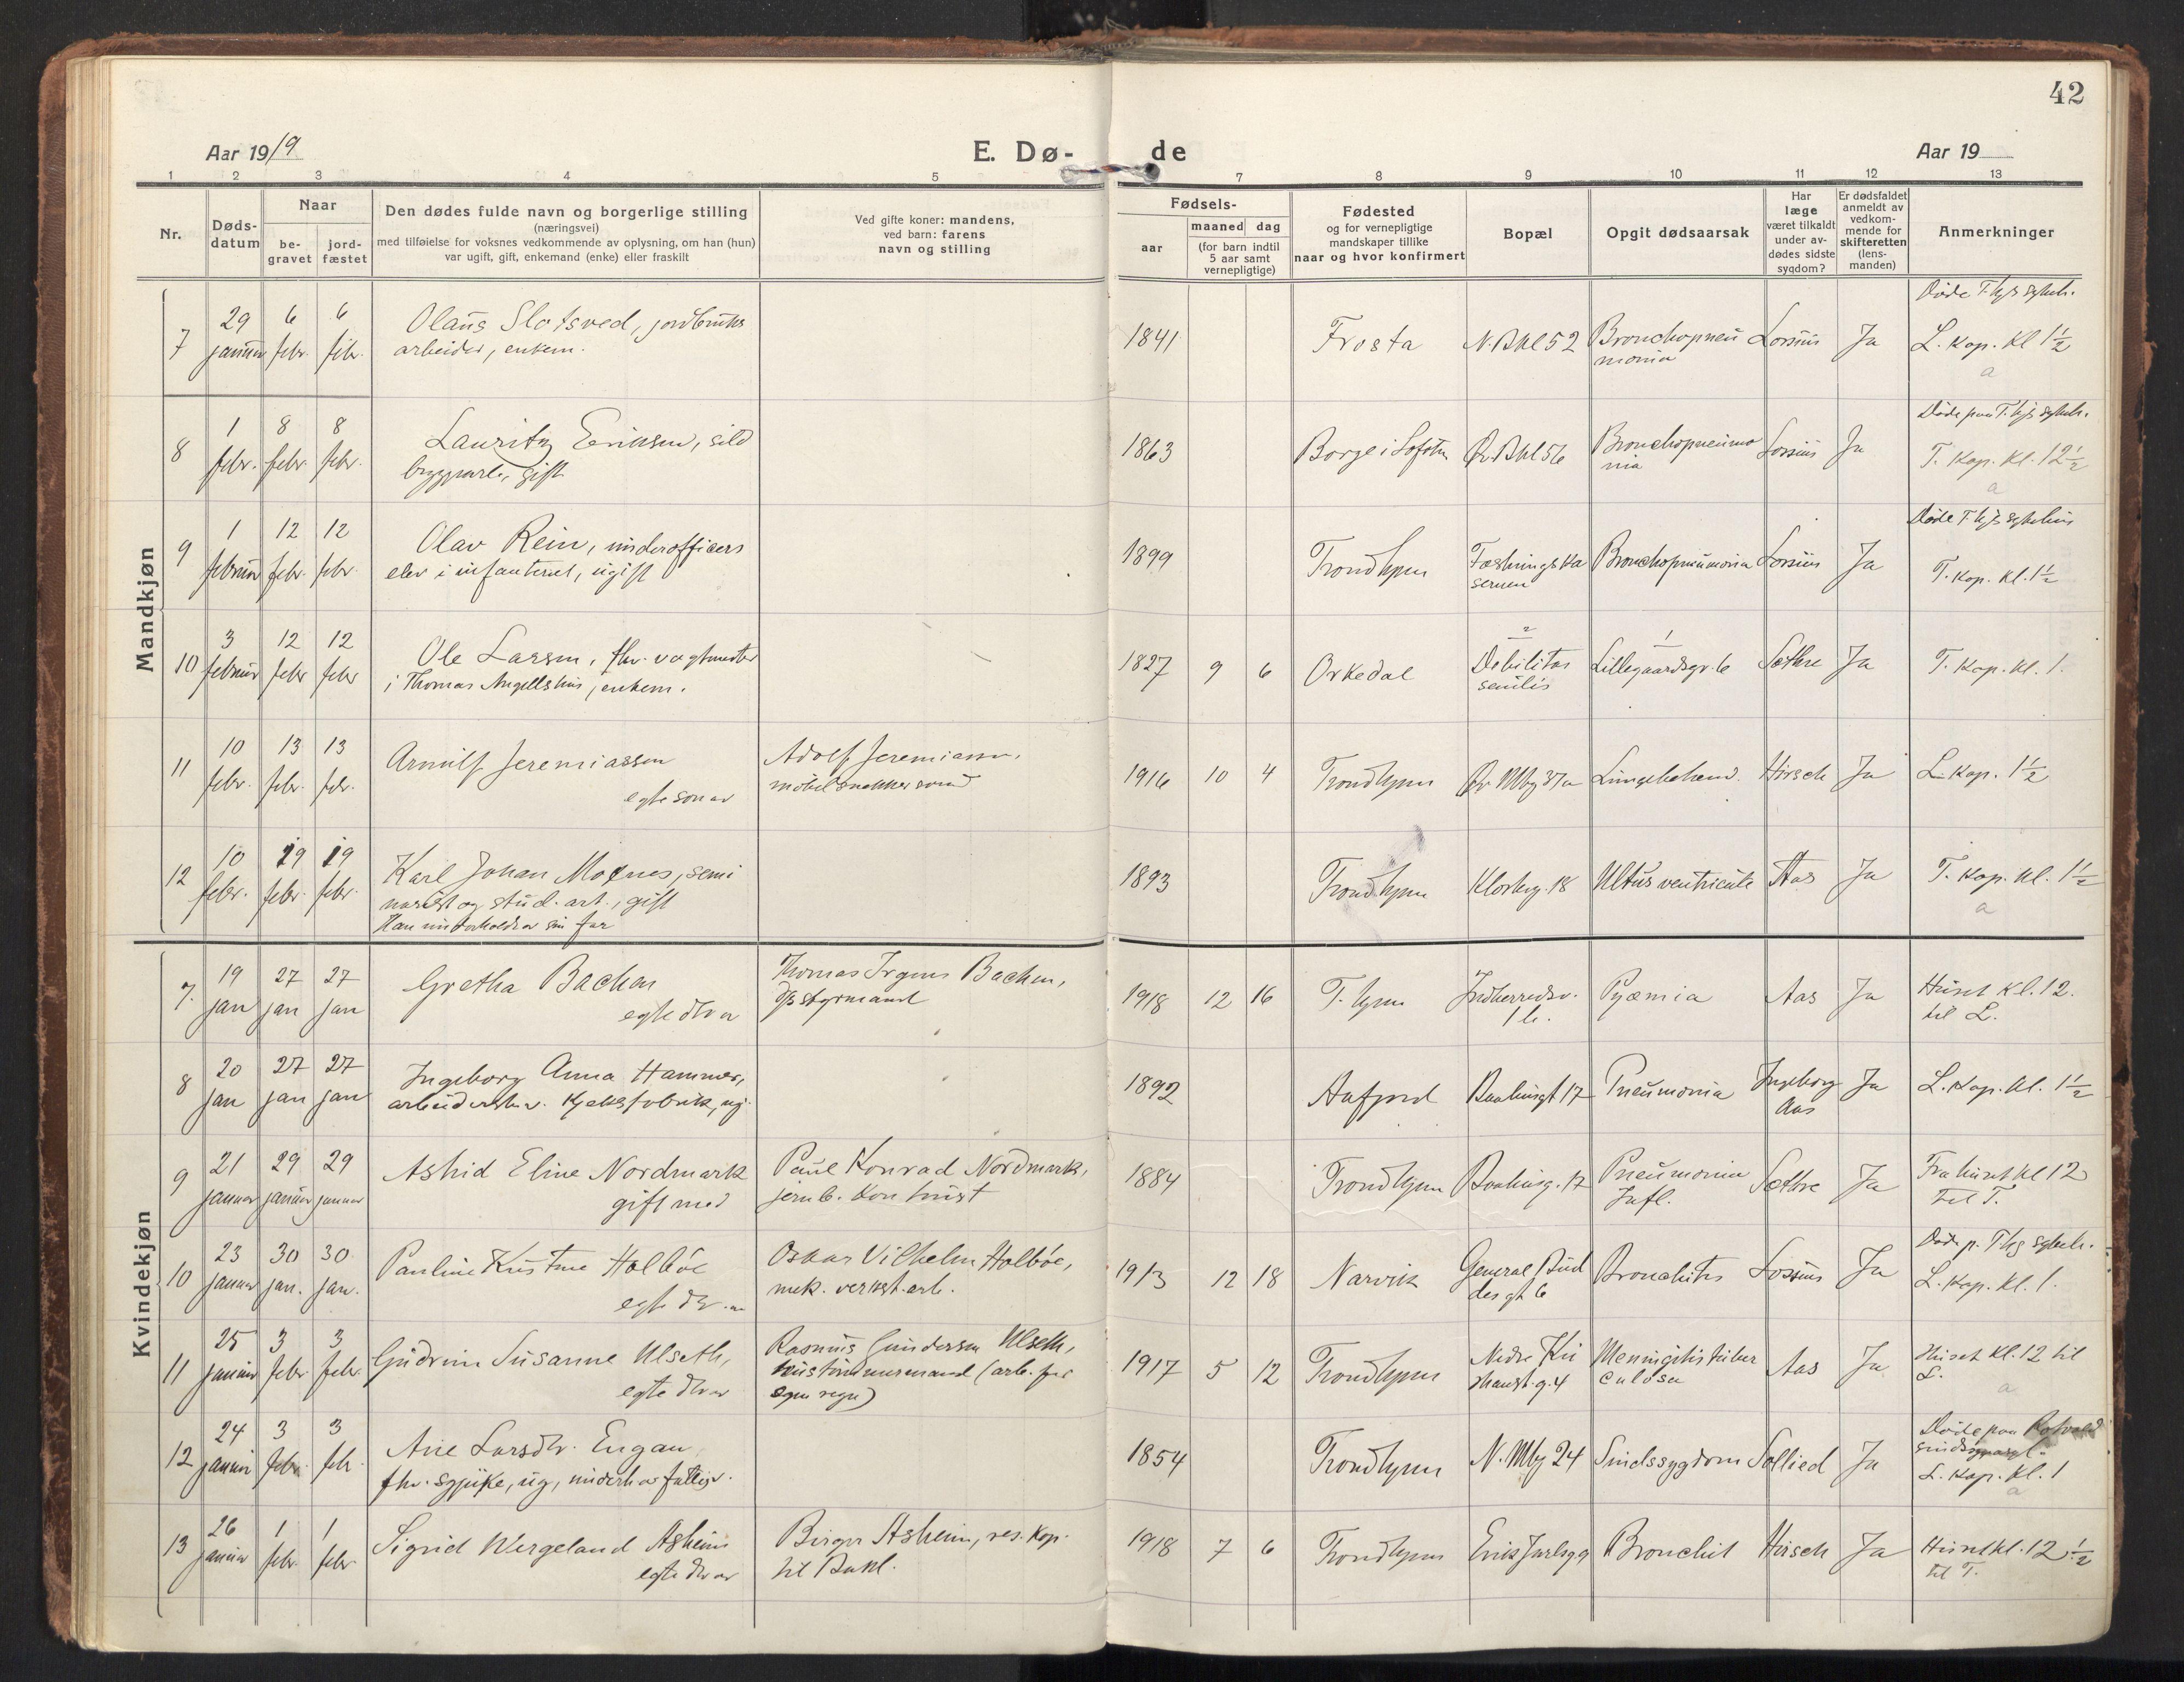 SAT, Ministerialprotokoller, klokkerbøker og fødselsregistre - Sør-Trøndelag, 604/L0207: Ministerialbok nr. 604A27, 1917-1933, s. 42